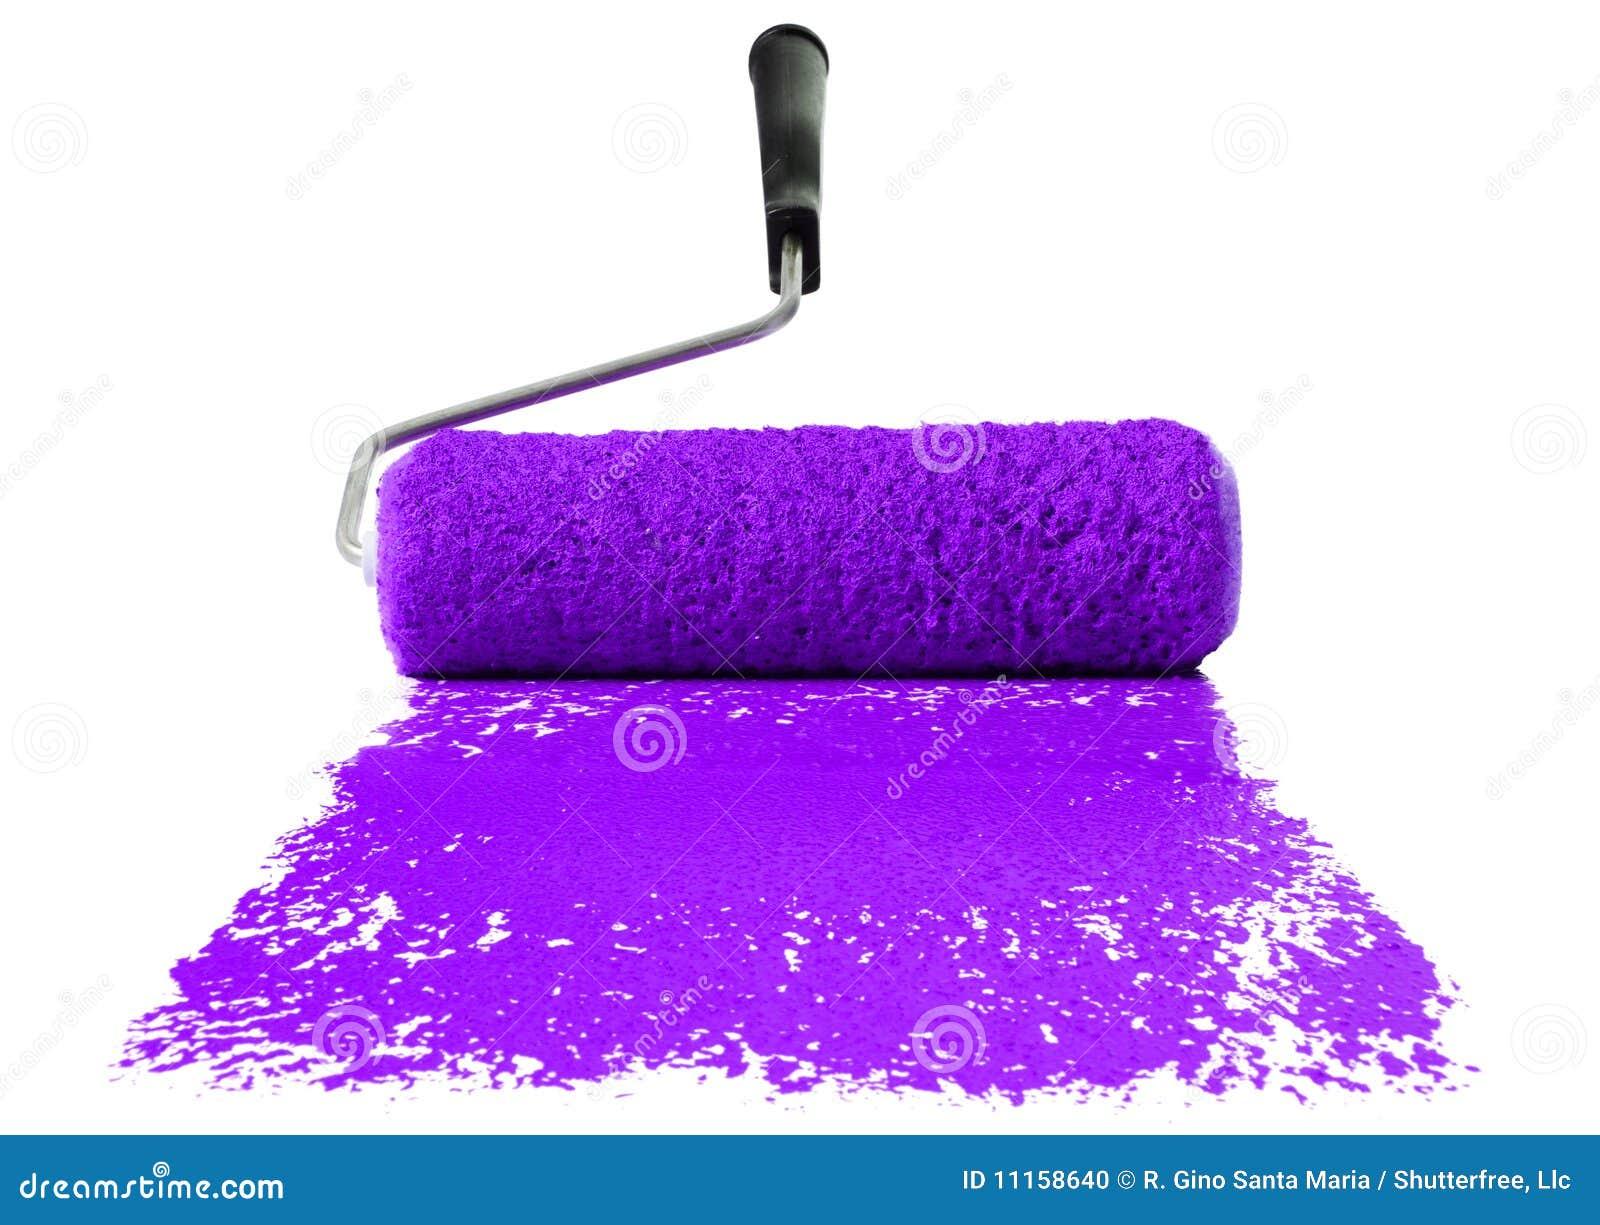 背景查出在油漆紫色路辗白色.图片